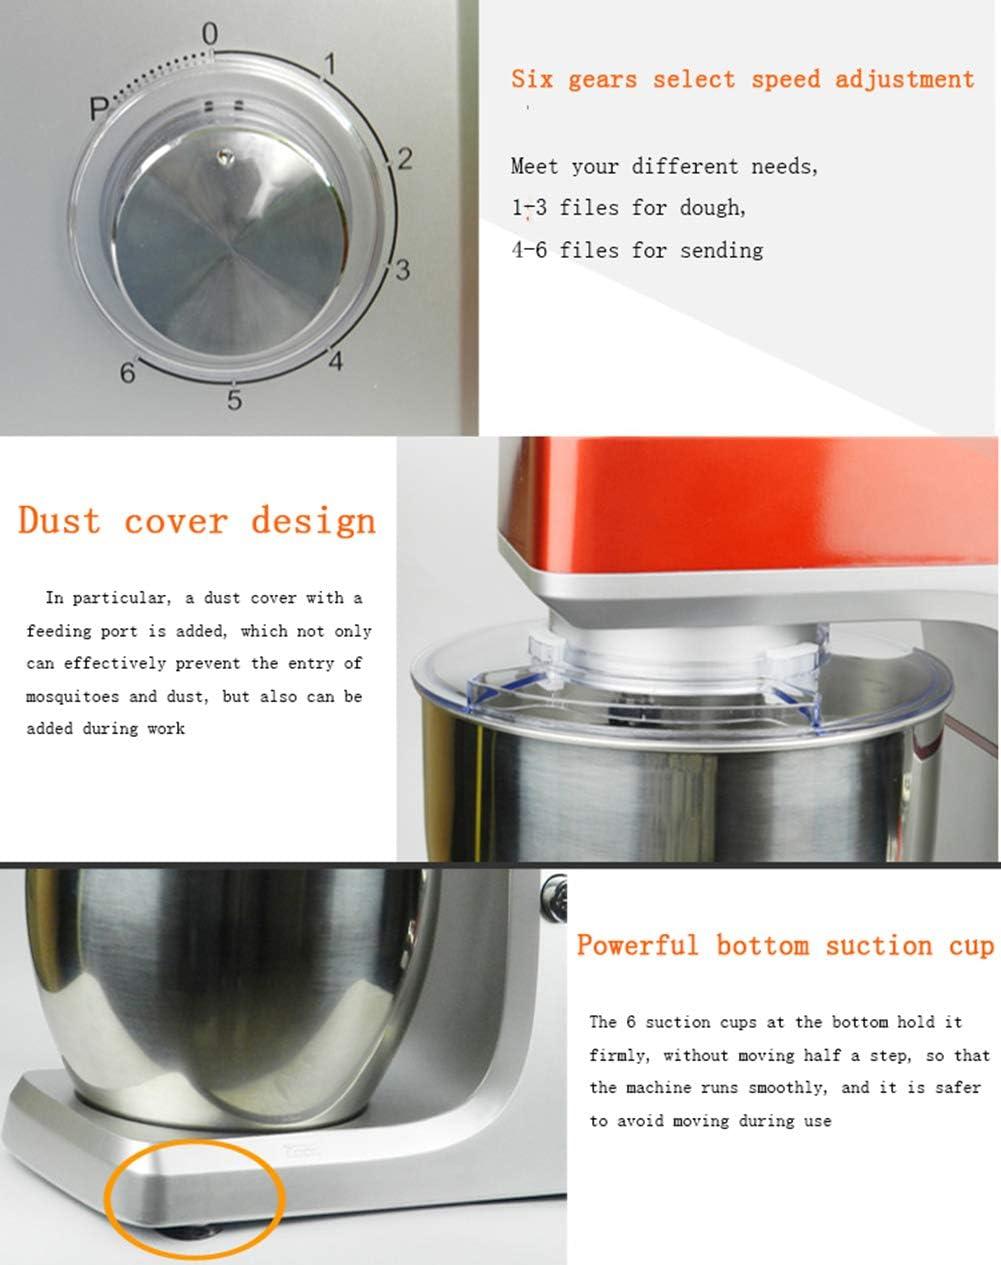 HOSUAI 1200W Batidora Amasadoras Repostería Profesional, Robot De Cocina Automática Multifuncional Amasadoras De Pan Capacidad de 7 litros,6 velocidades 110v: Amazon.es: Deportes y aire libre